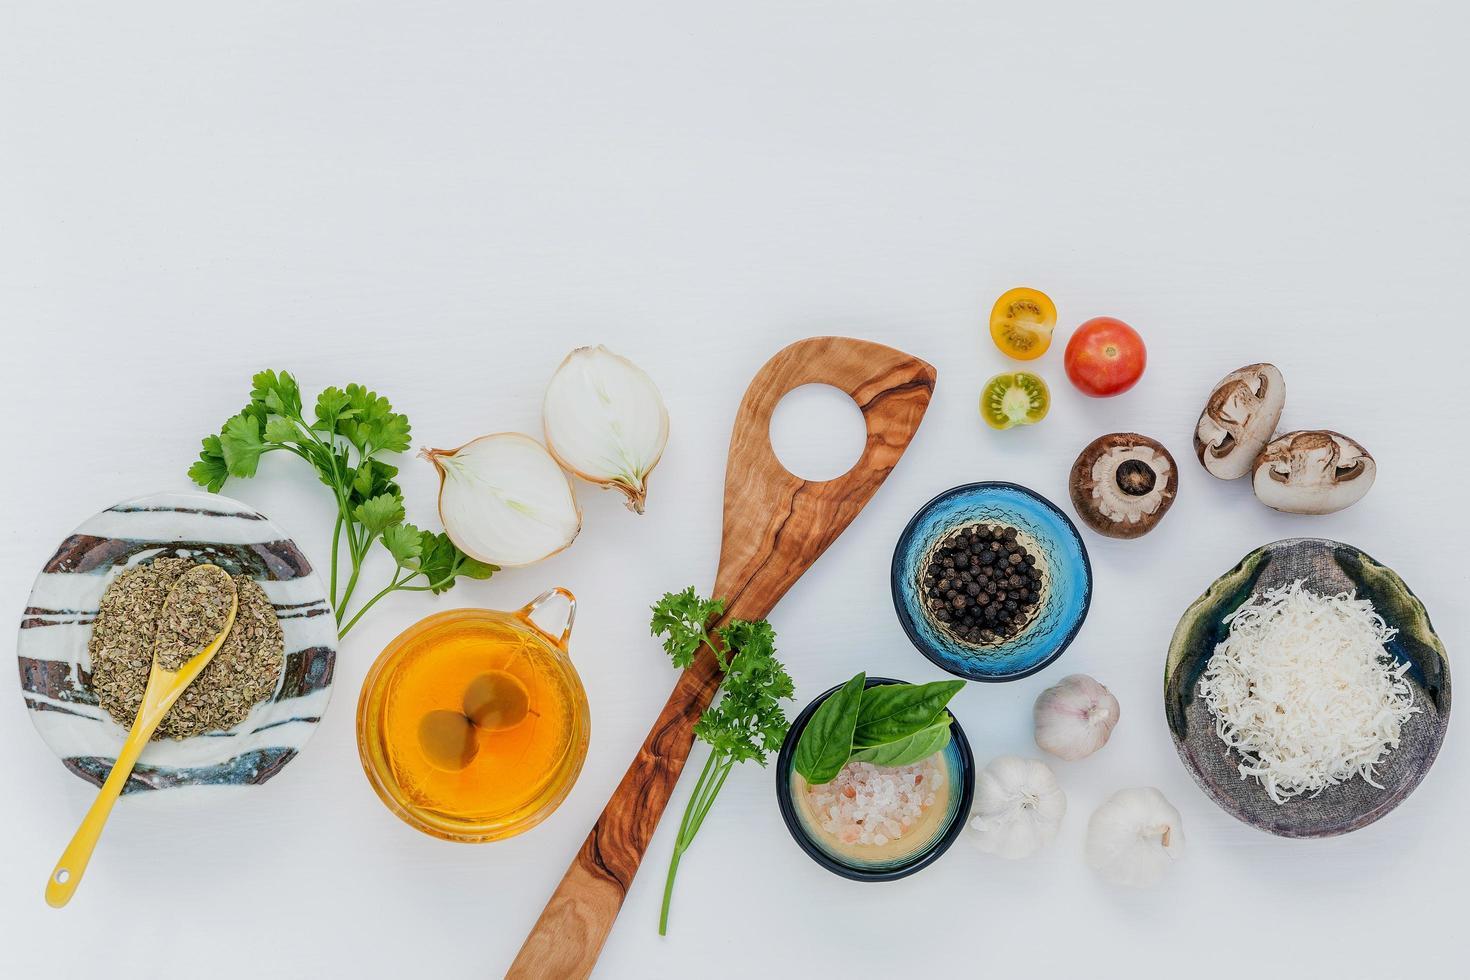 ingrédients de cuisson pour un plat de pâtes photo